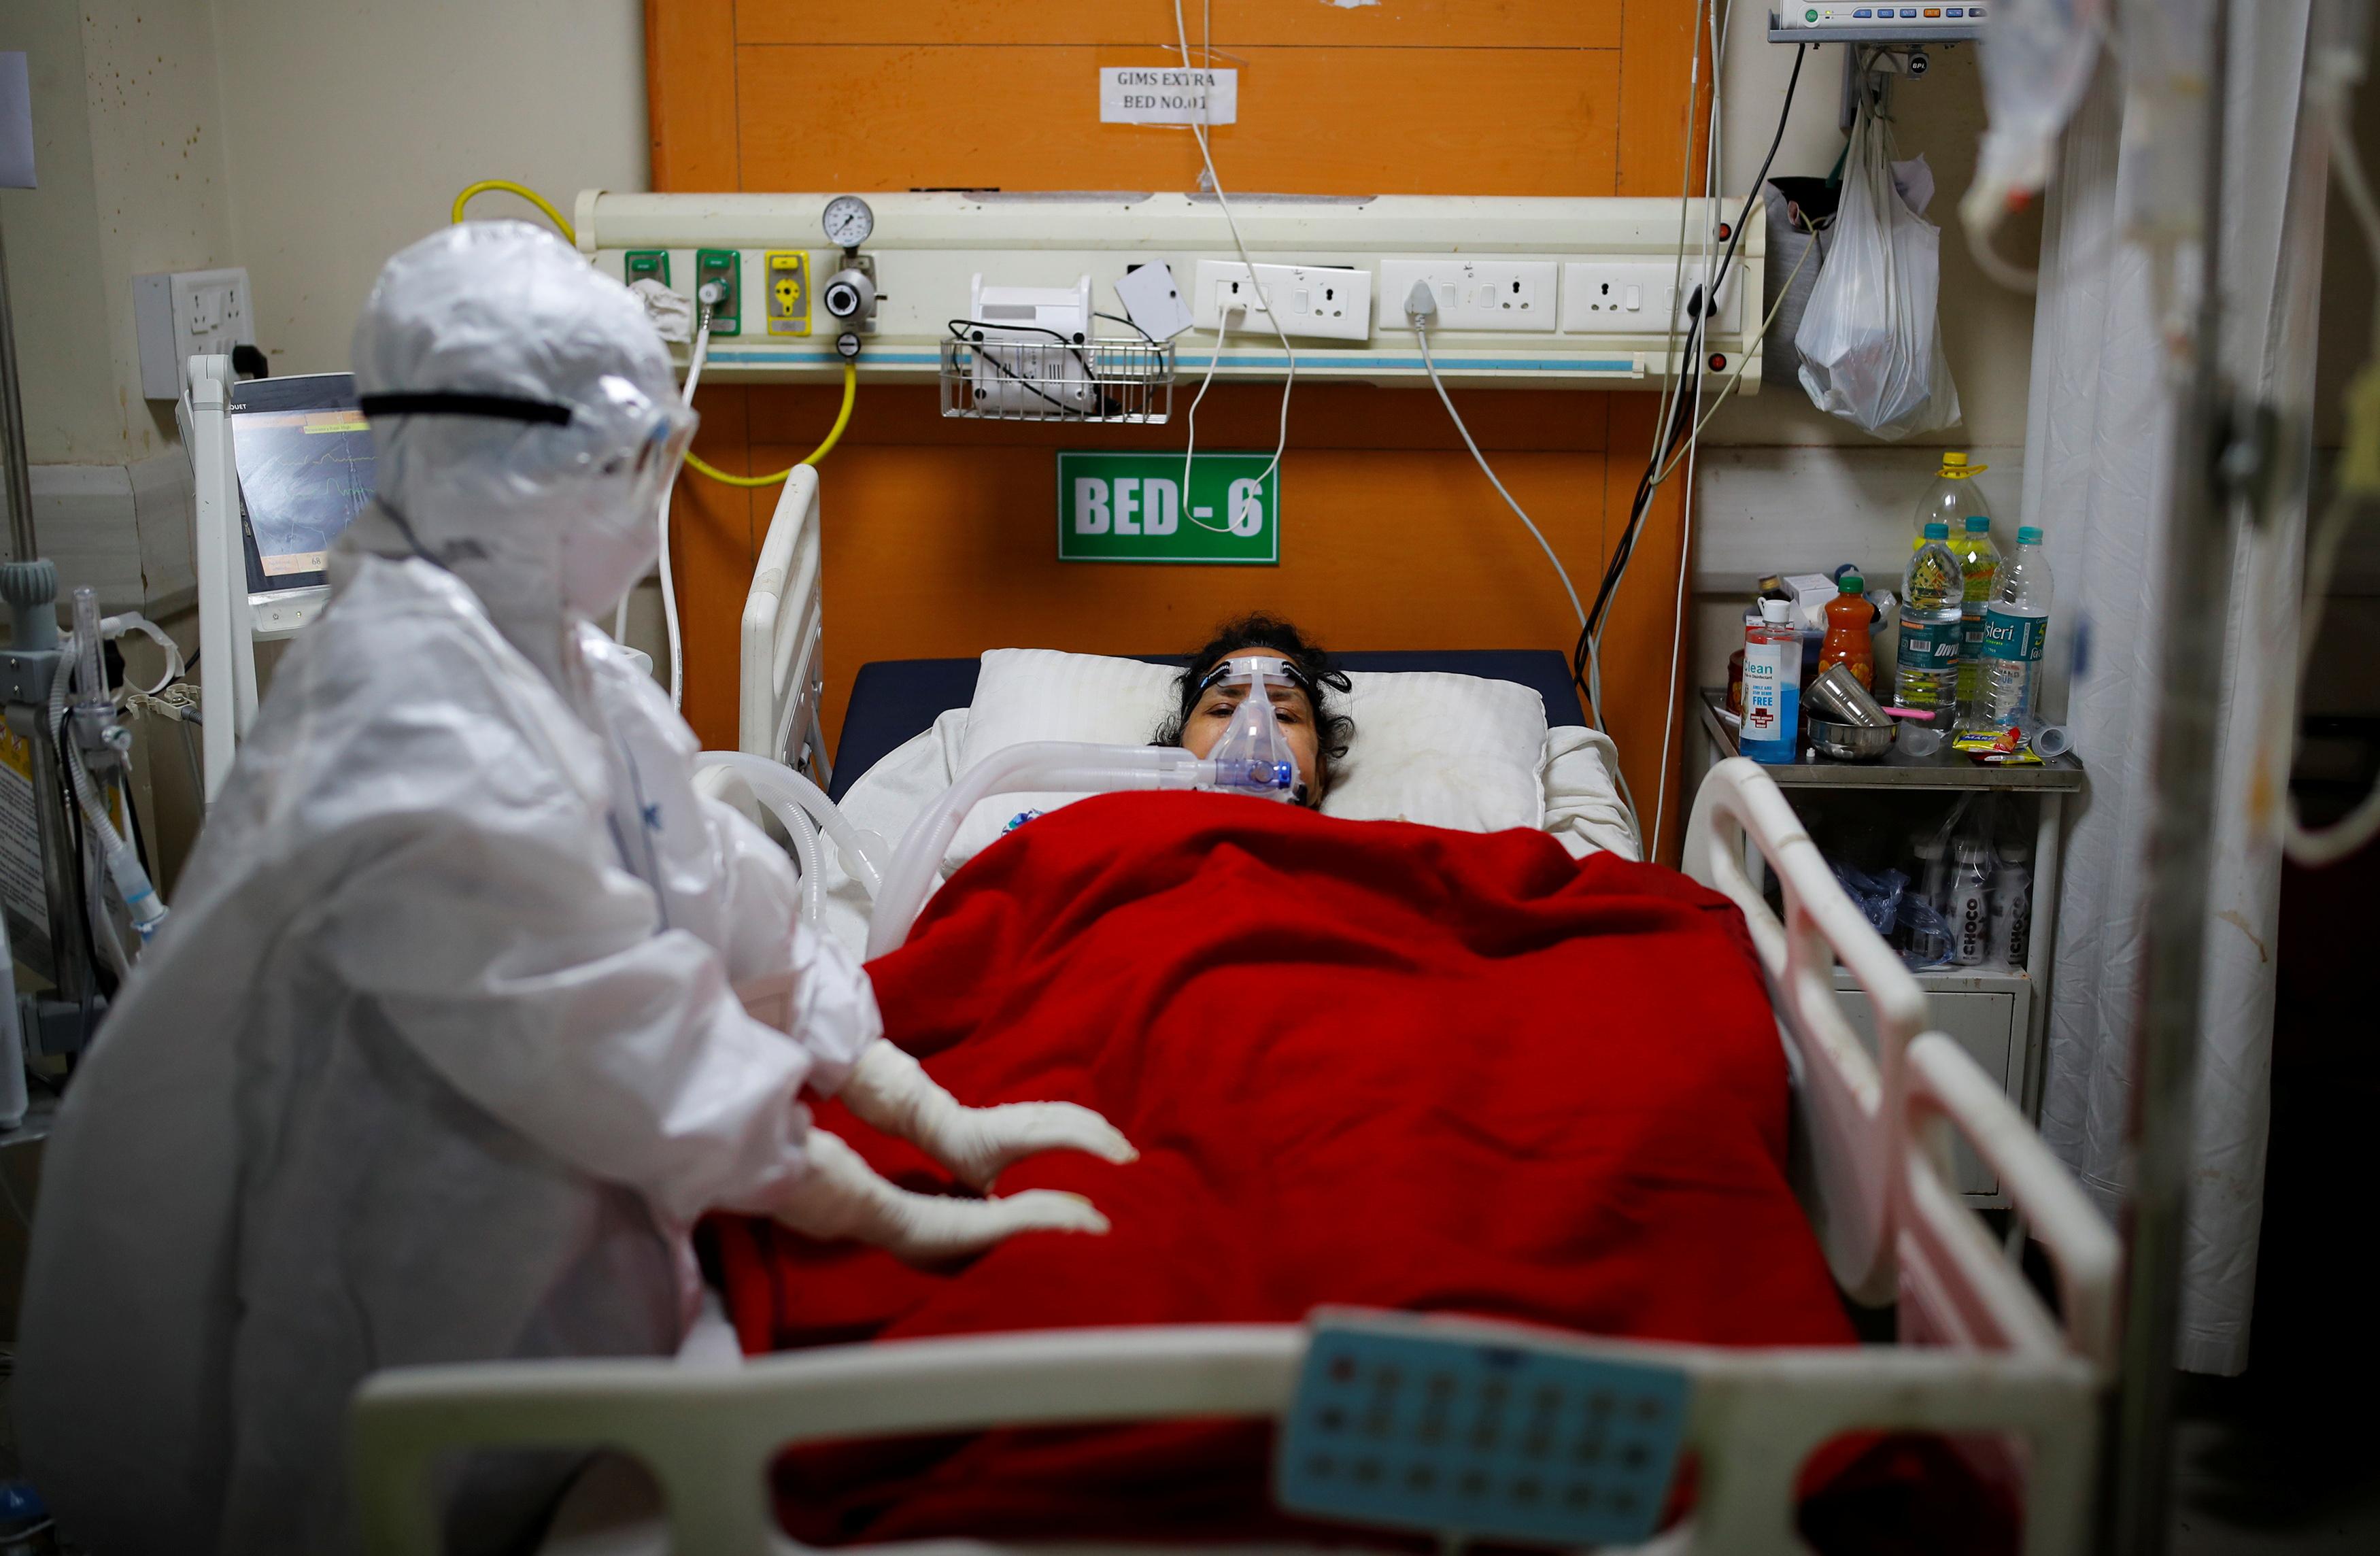 เจ้าหน้าที่ทางการแพทย์ดูแลผู้ป่วยที่ป่วยด้วยโรคโคโรนาไวรัส (COVID-19) ภายในหอผู้ป่วยหนัก (ICU) ที่โรงพยาบาลสถาบันวิทยาศาสตร์การแพทย์ของรัฐบาล (GIMS) ในเกรทเตอร์นอยดาชานกรุงนิวเดลี อินเดีย 21 พฤษภาคม 2021 REUTERS / Adnan Abidi